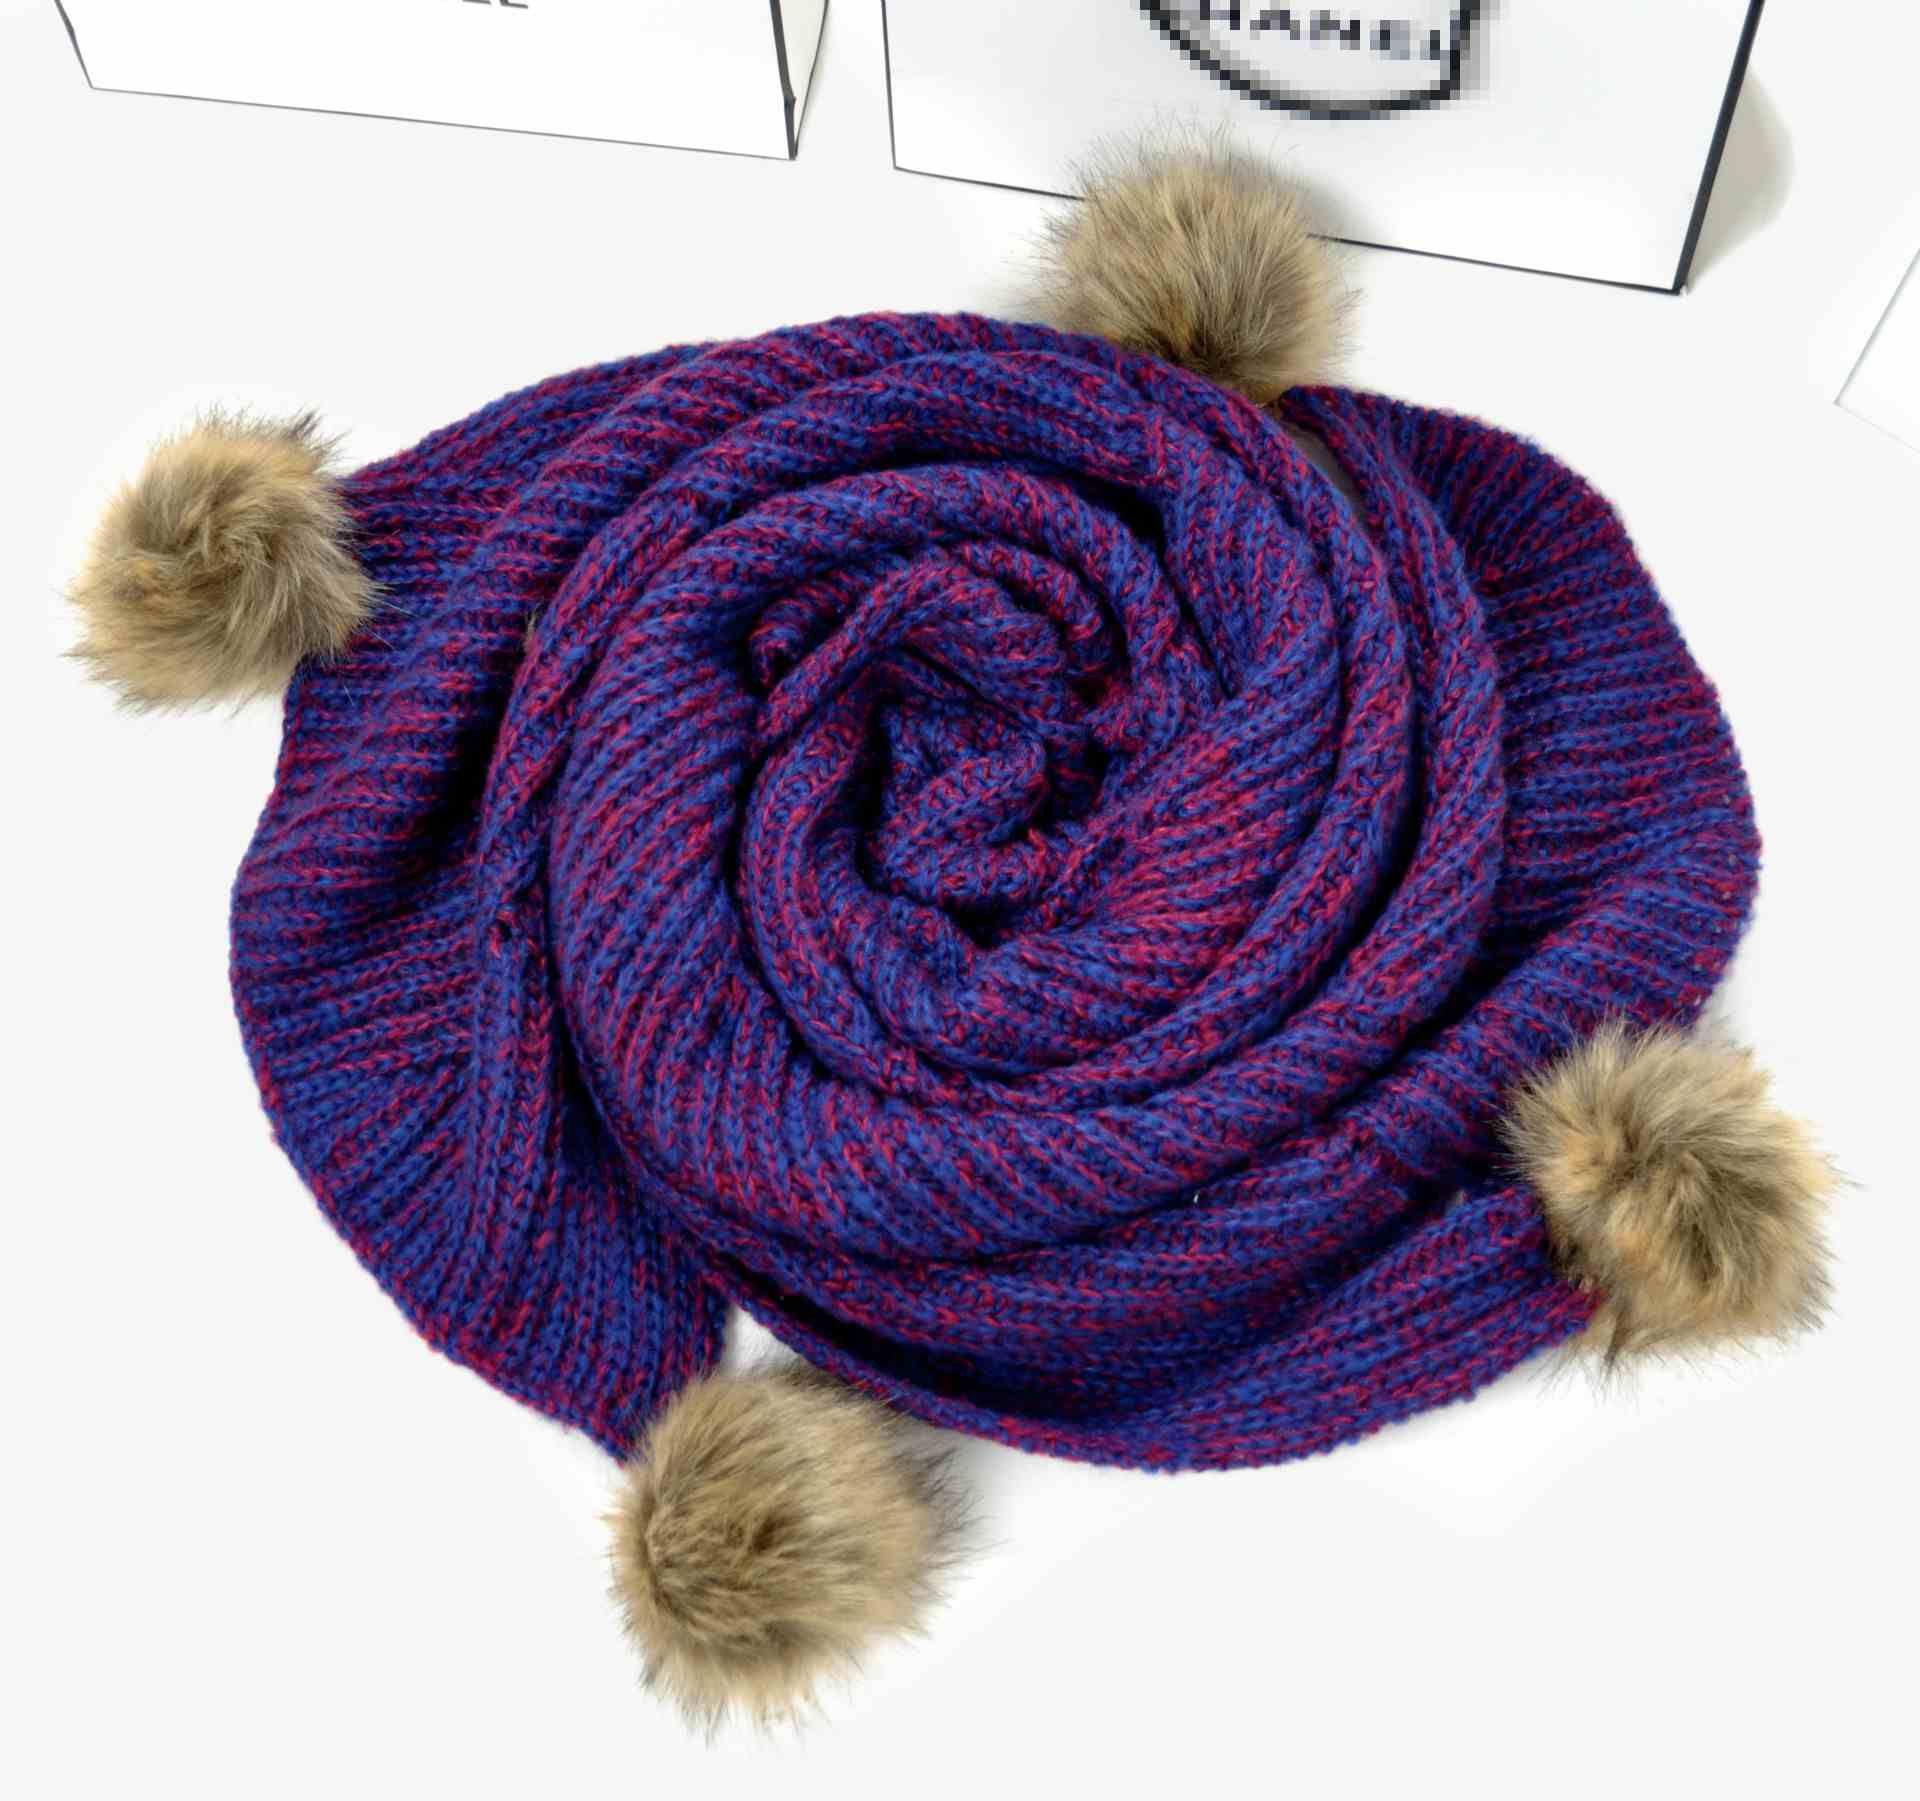 3色の文学ケープナショナルスタイルポンチョの女性暖かいニットパシミナオールマッチショールとスカーフ冬スカーフ秋ファッション